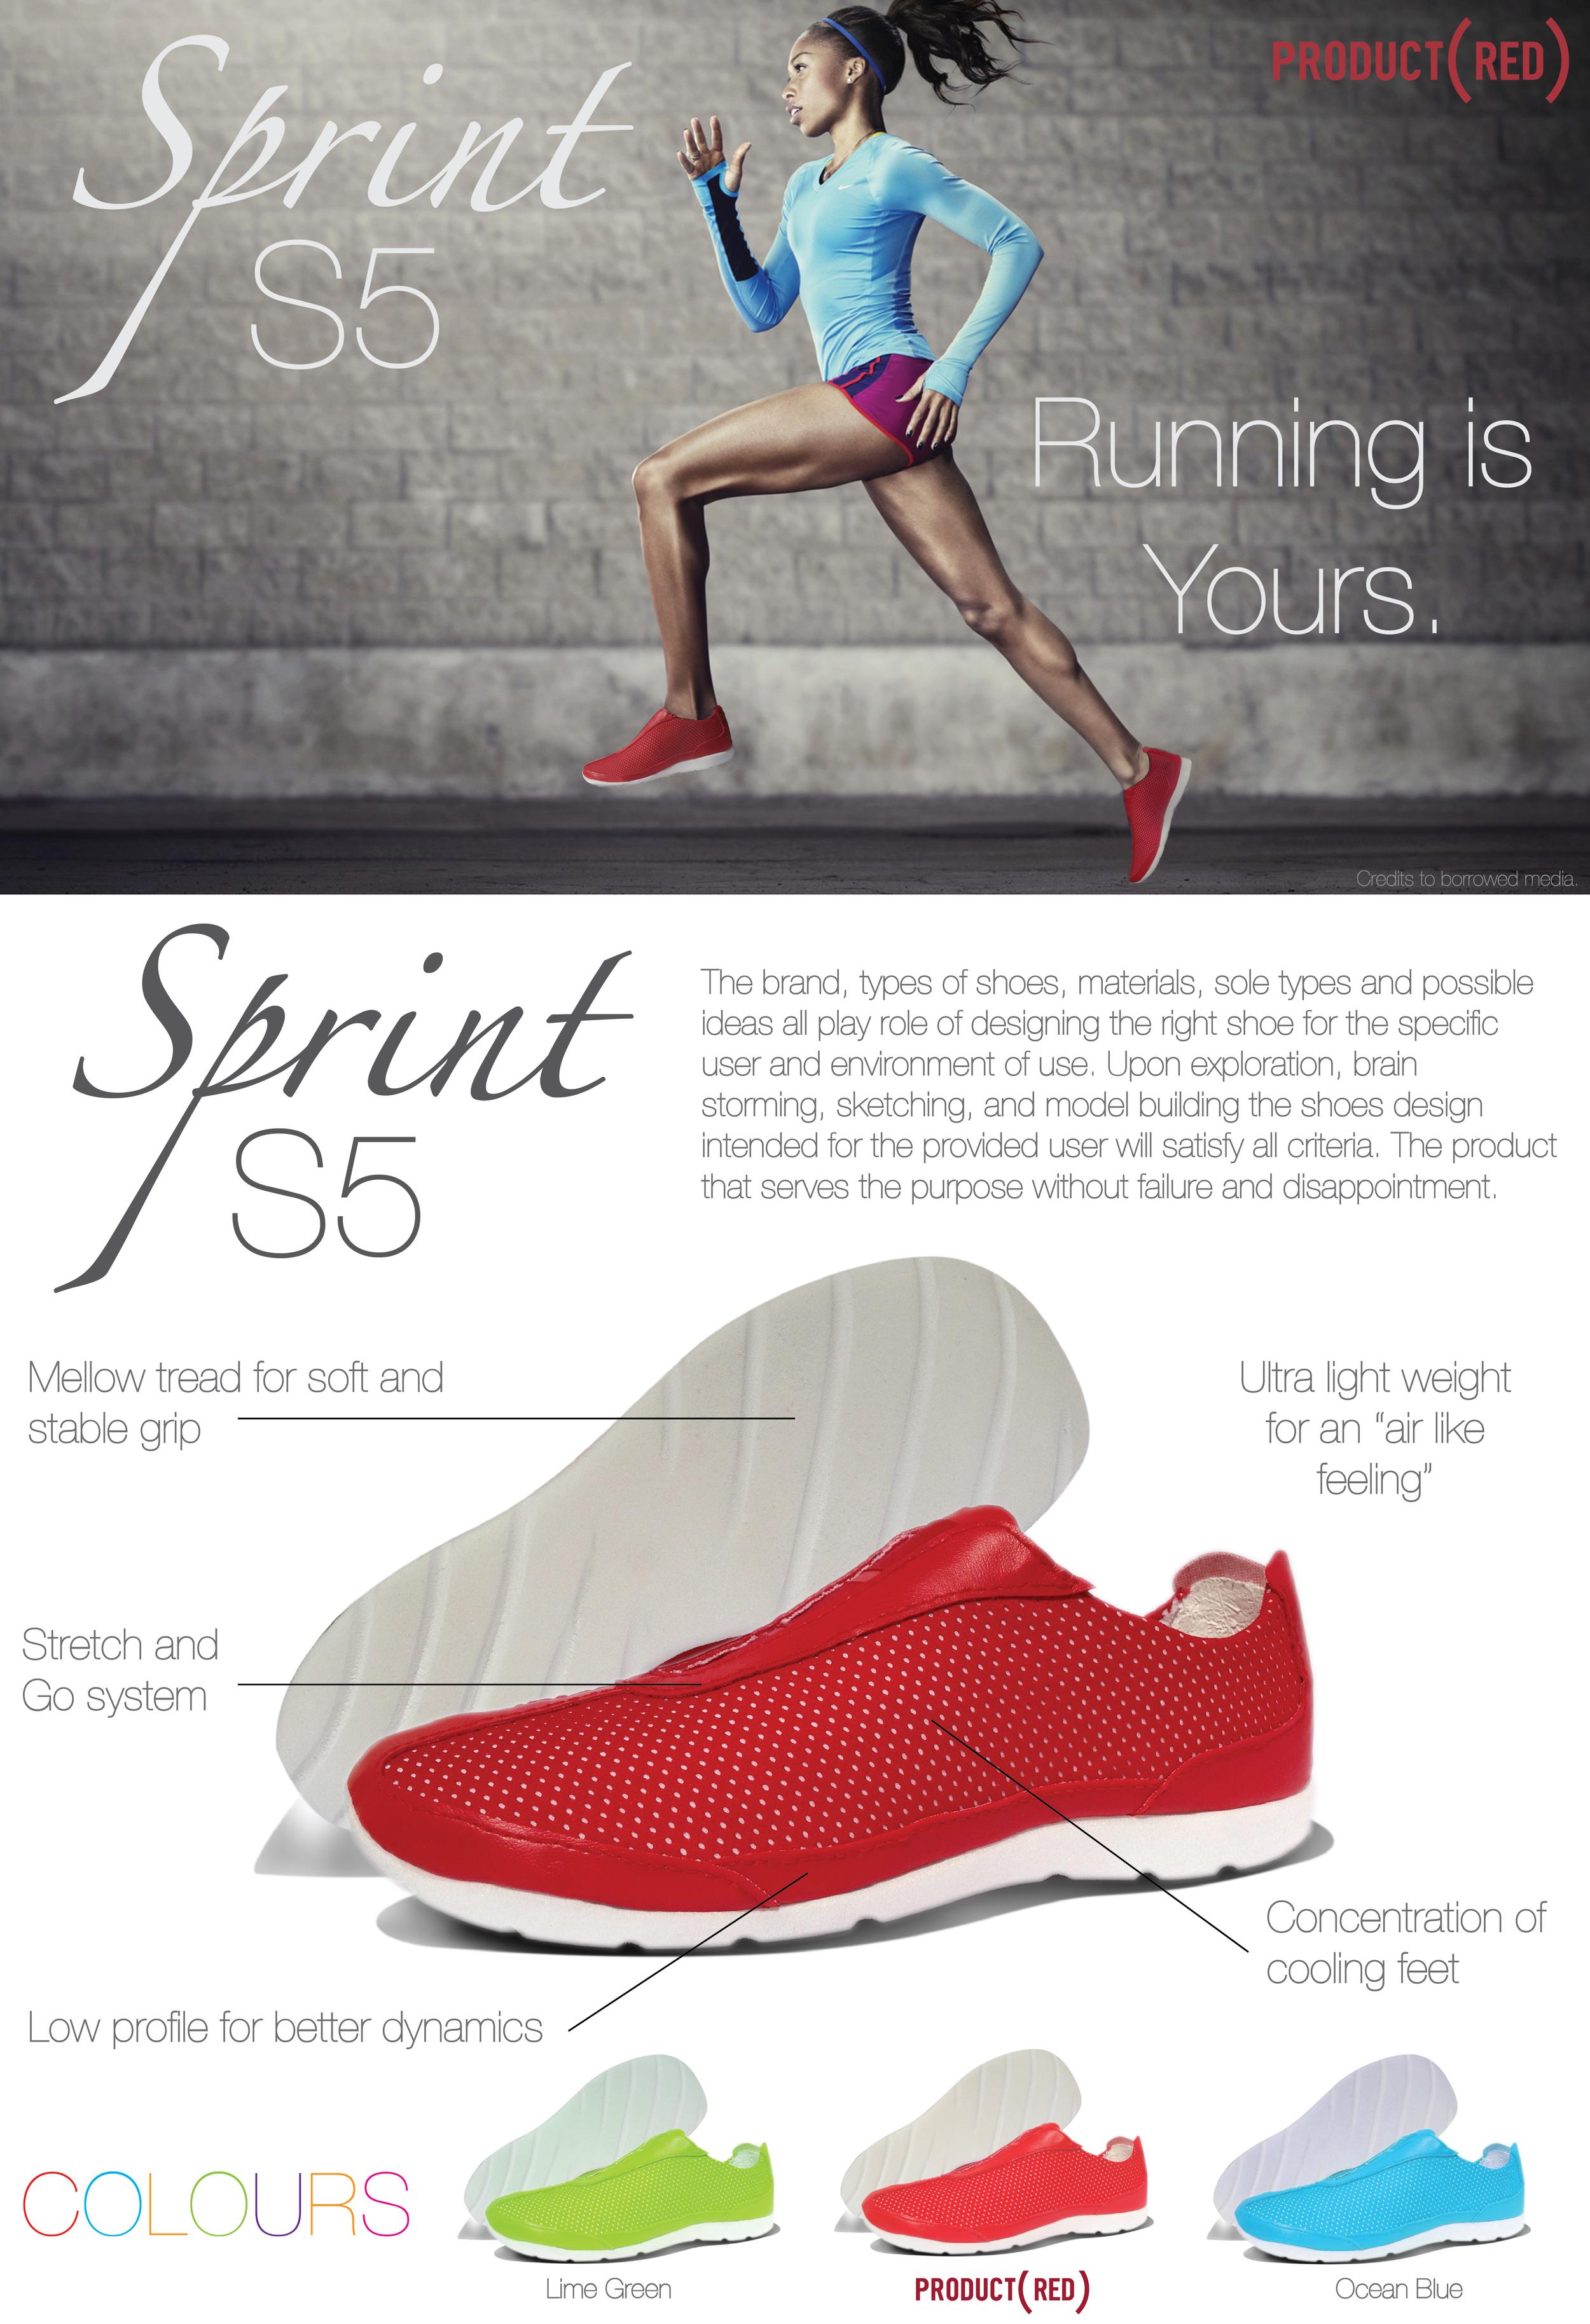 Sprint S5 Footwear-01.jpg